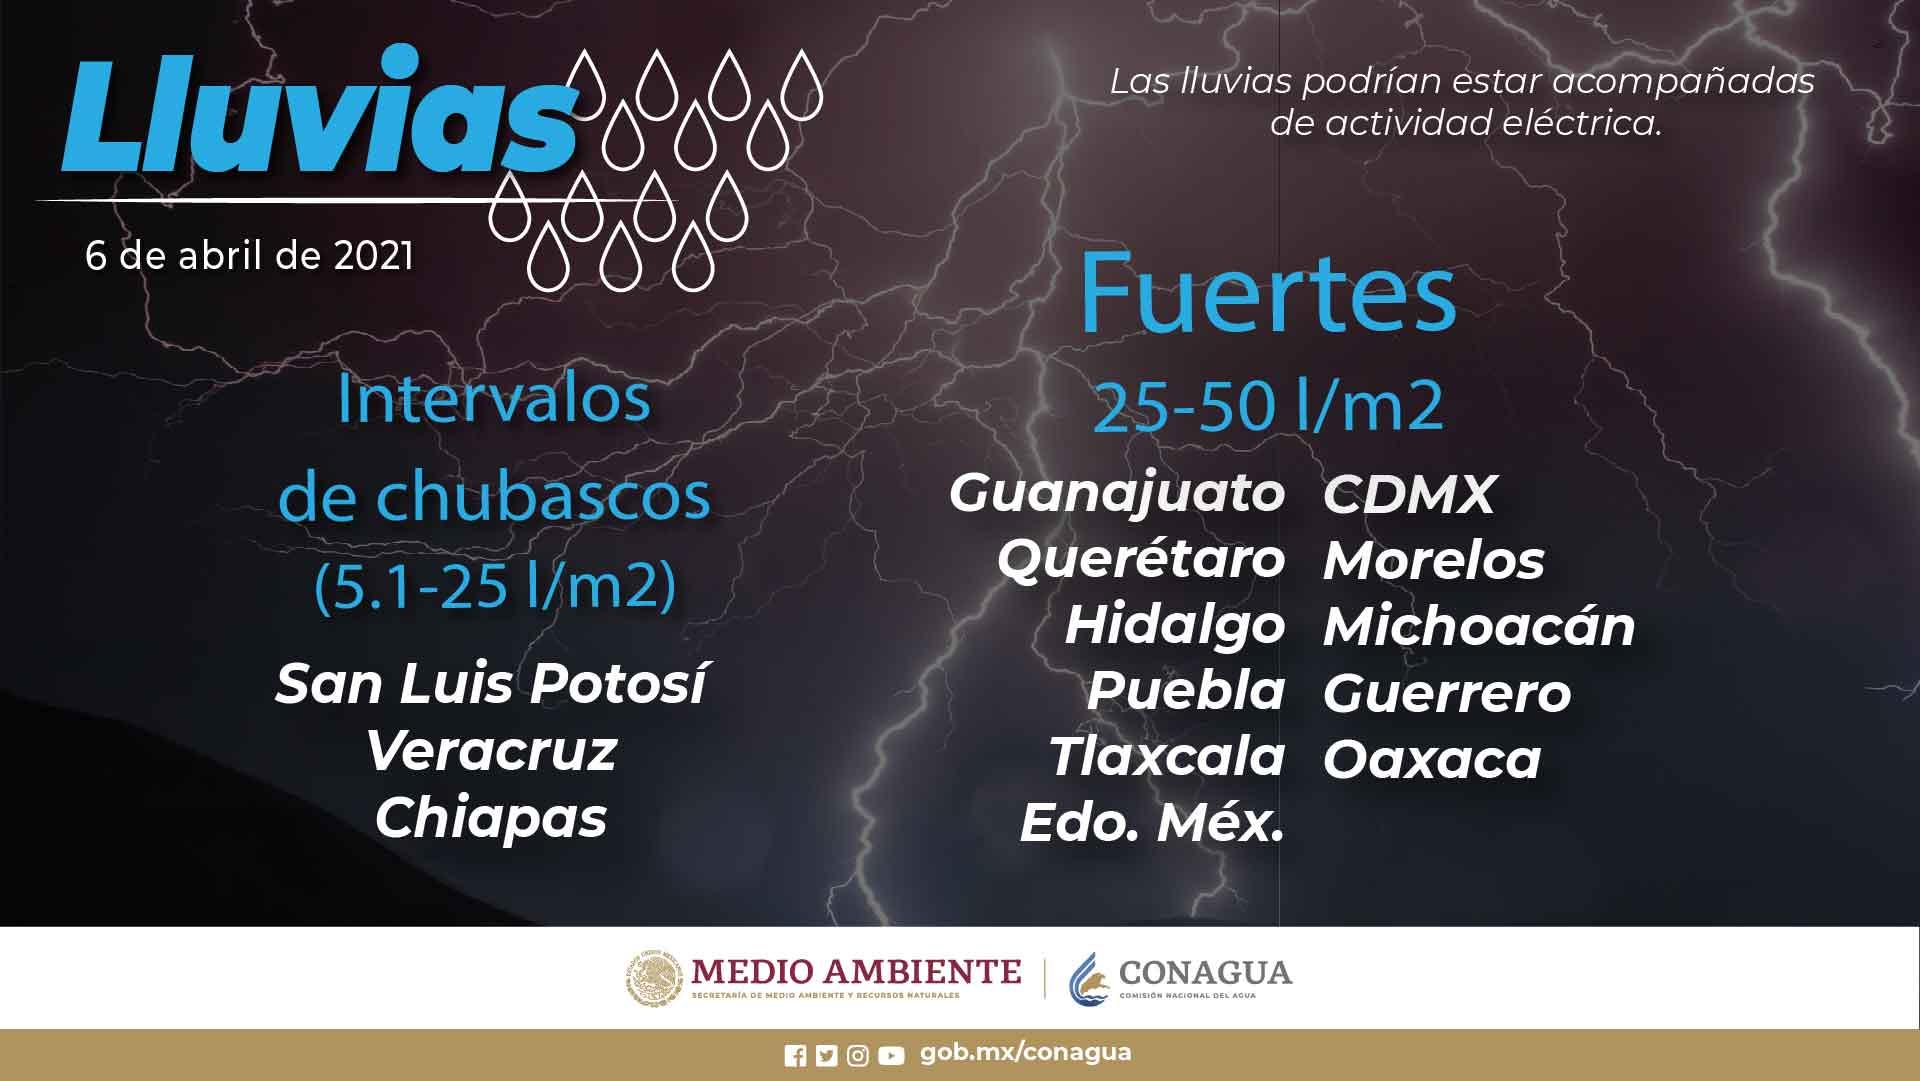 Se pronostican lluvias puntuales fuertes en el centro y sur de México